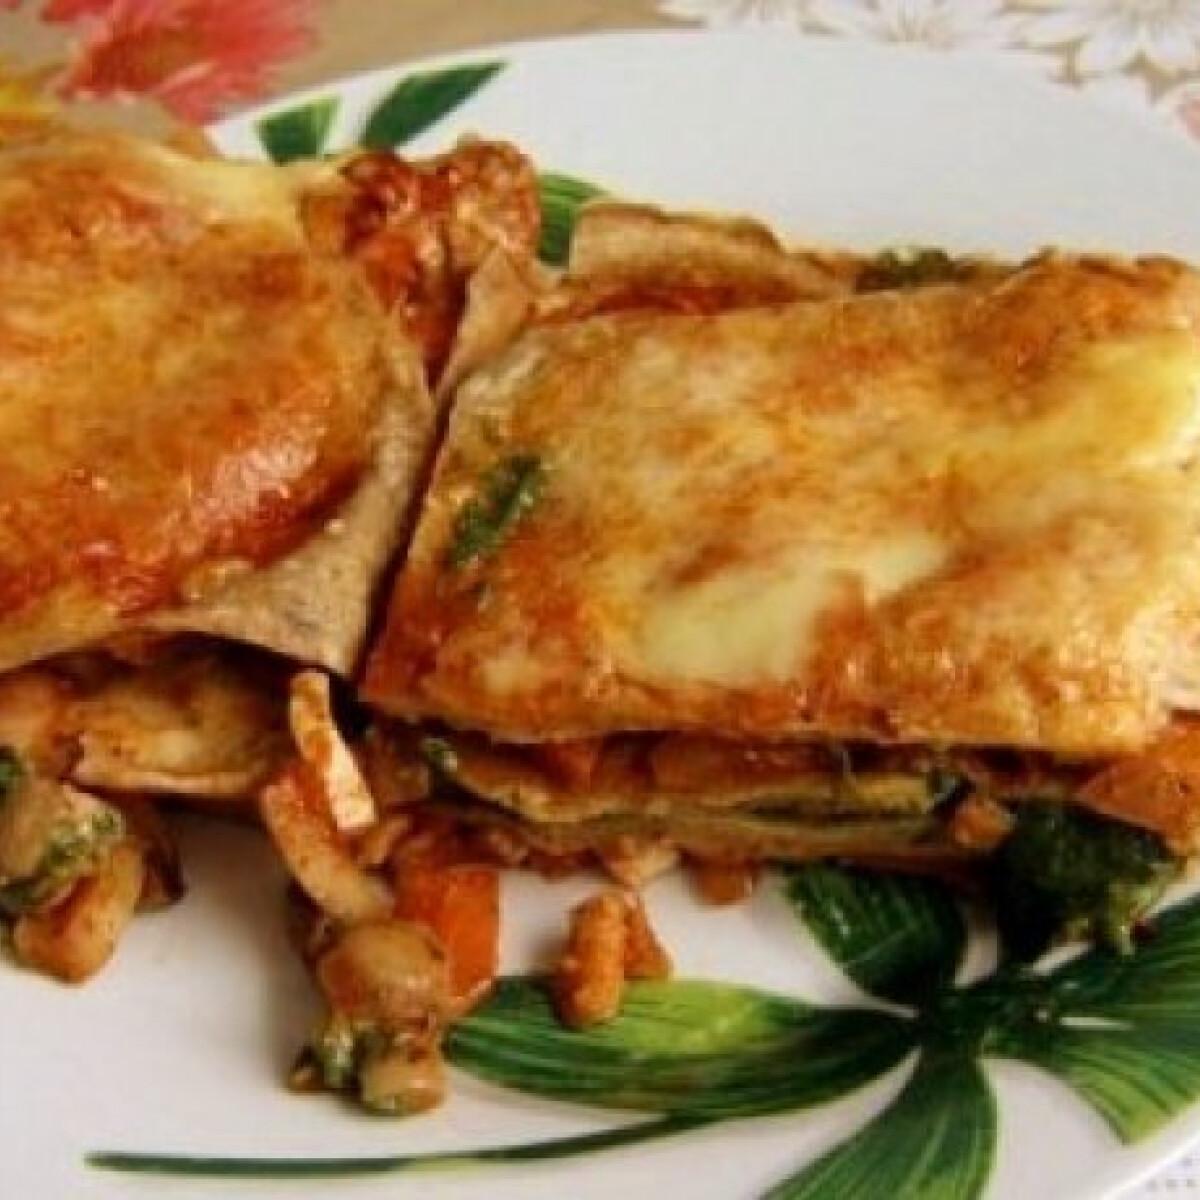 Ezen a képen: Lasagne 10. - tofus reform